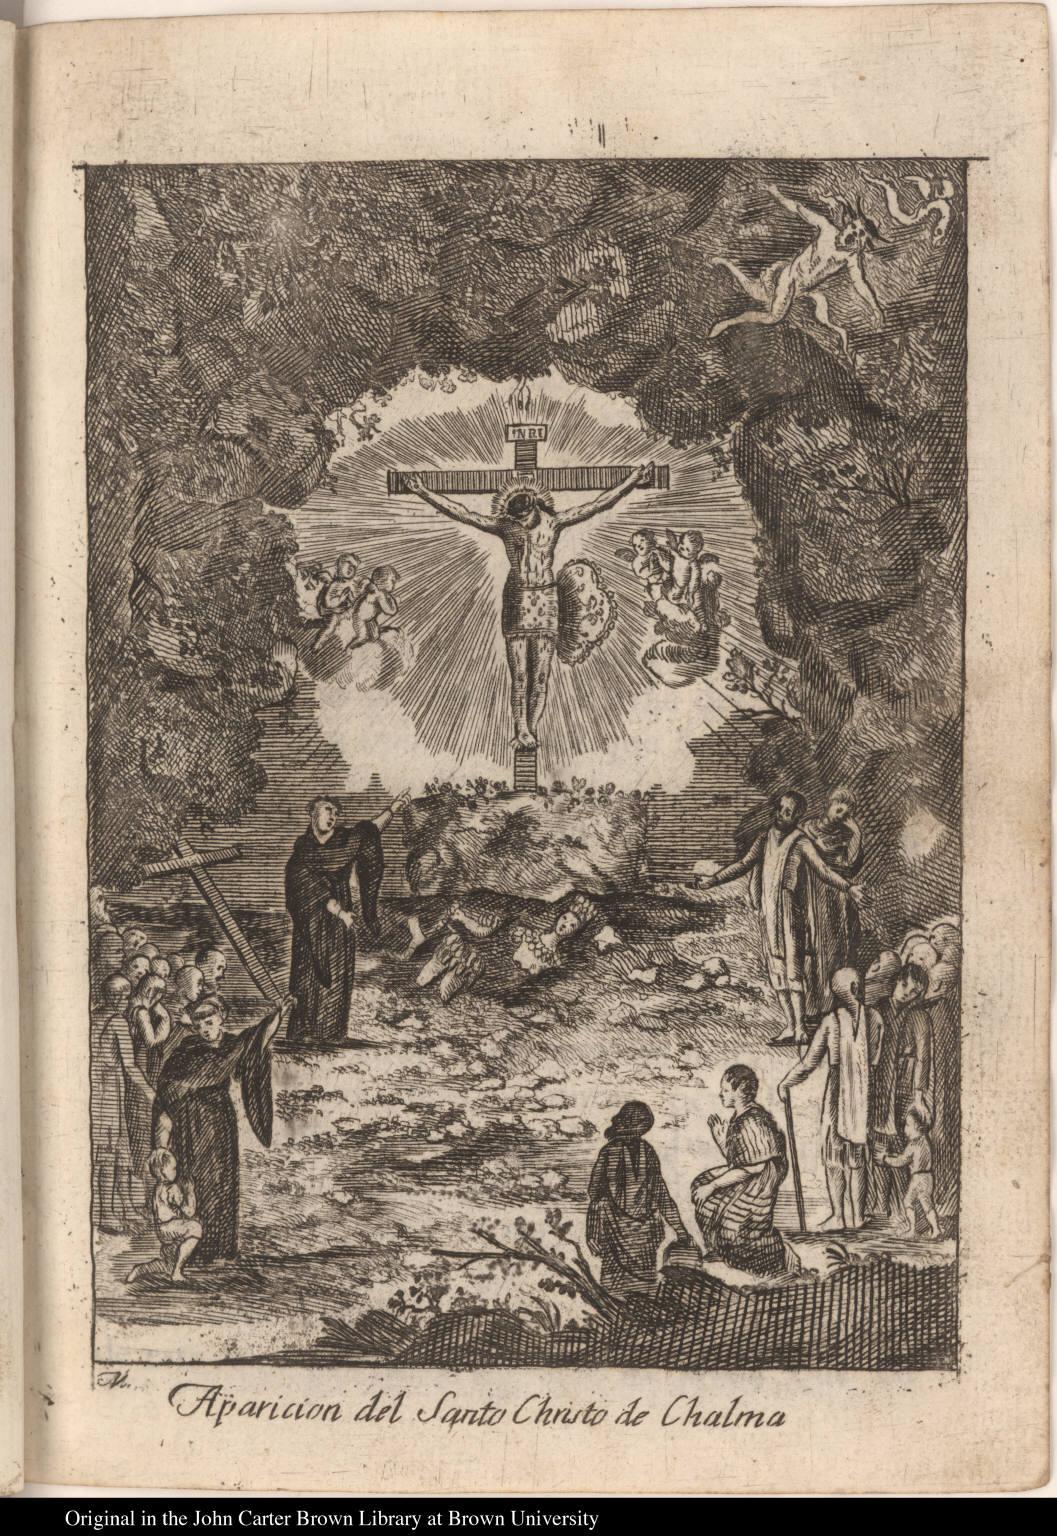 Aparicion del Santo Christo de Chalma